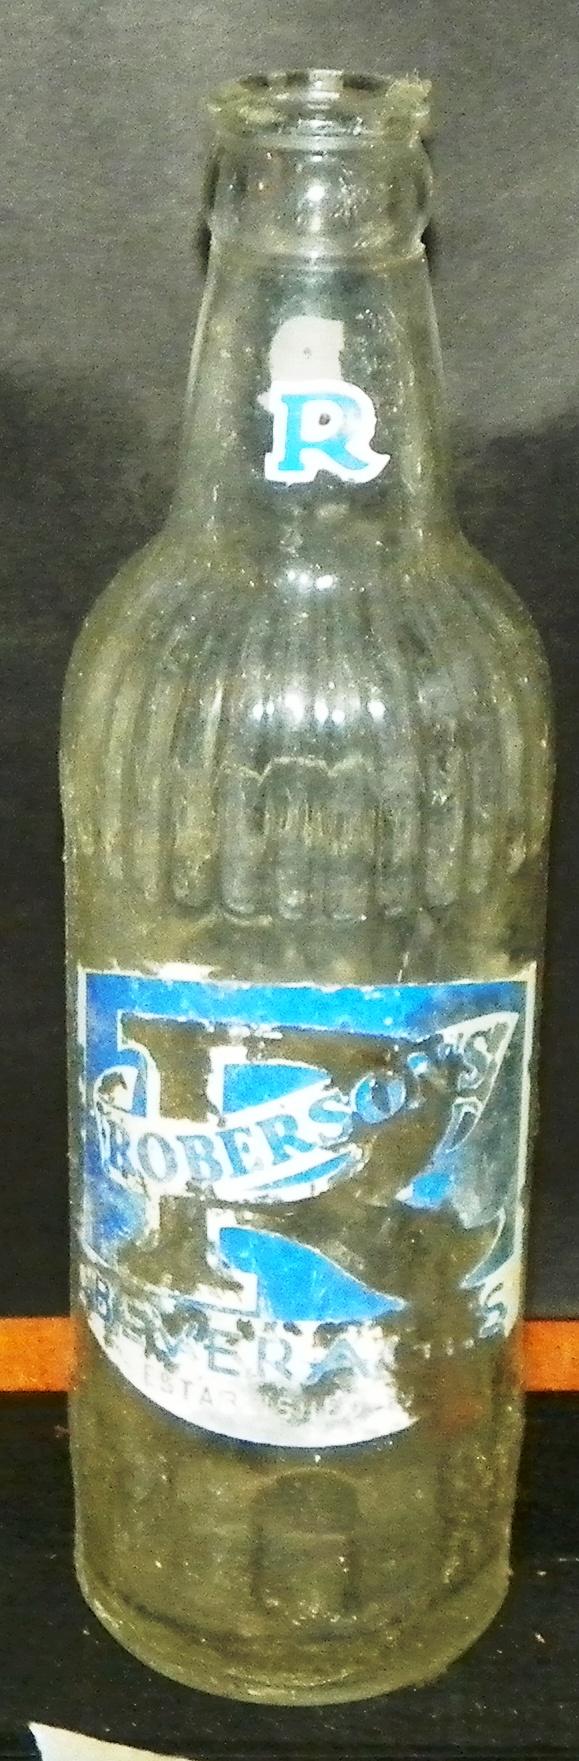 Robersons Soda Bottle